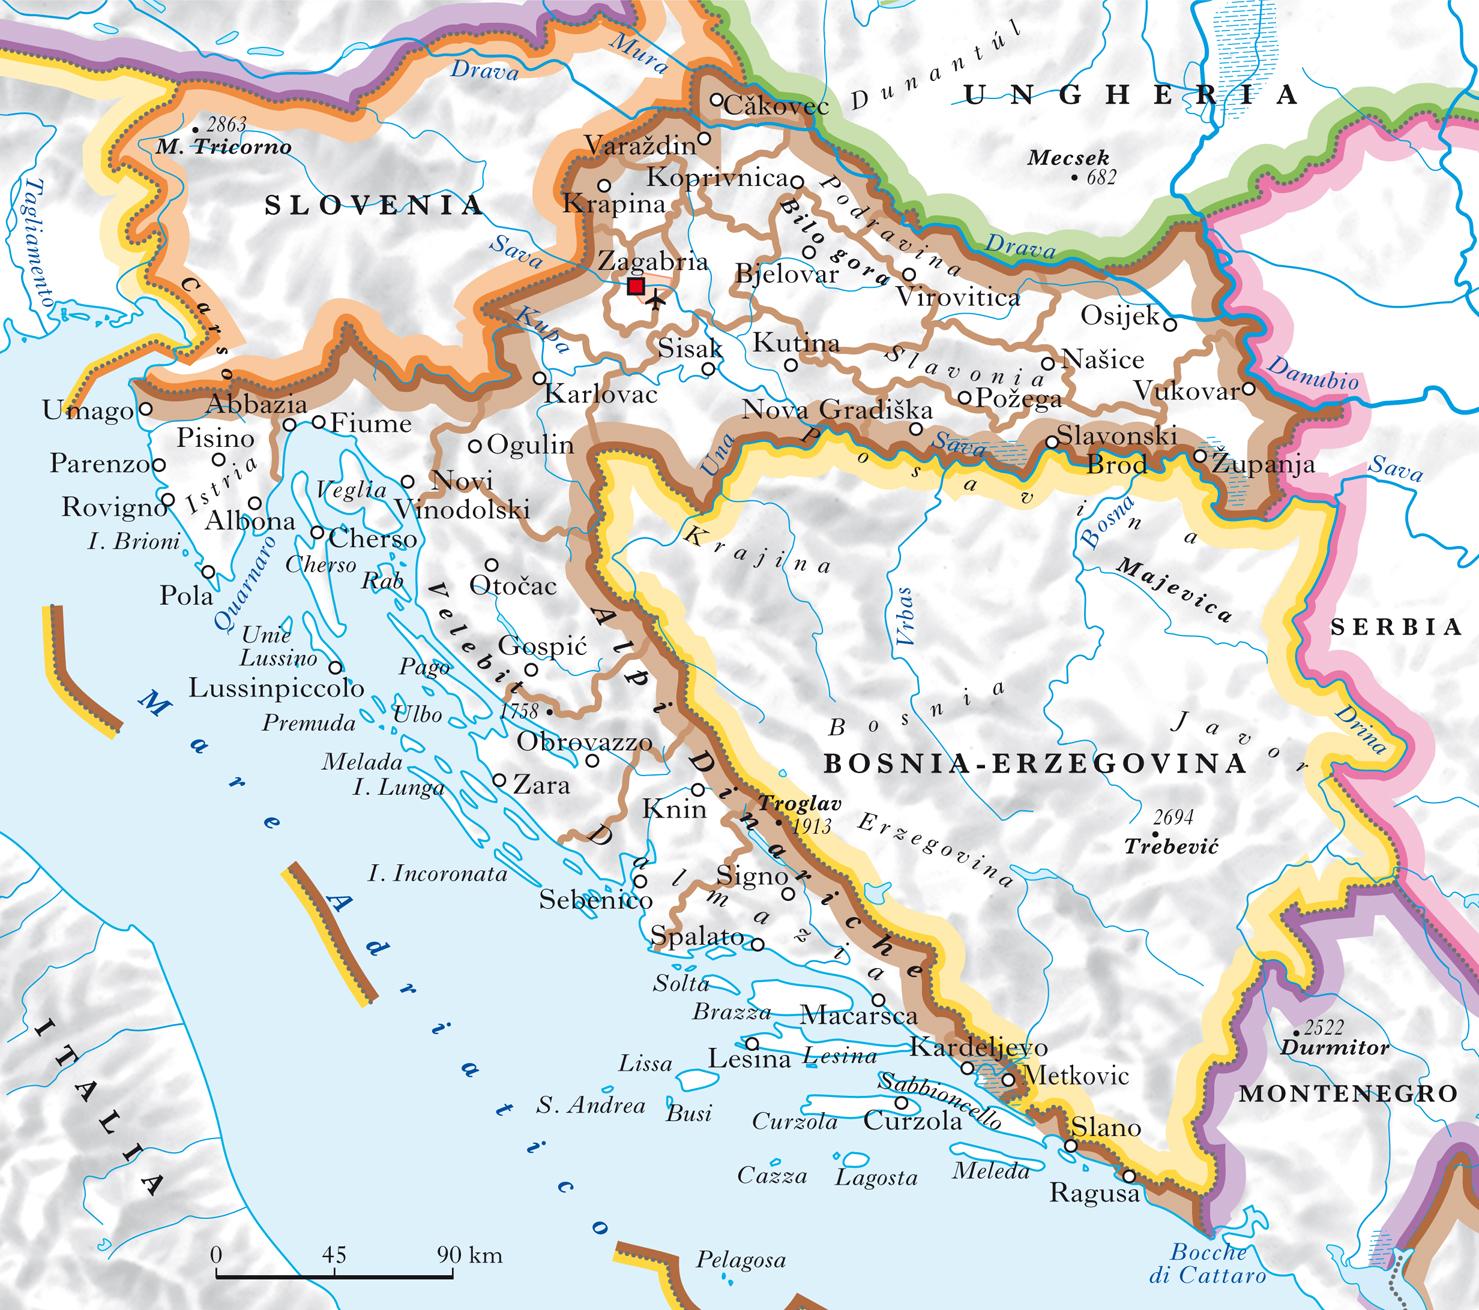 Cartina Slovenia Croazia Bosnia.Croazia Nell Enciclopedia Treccani